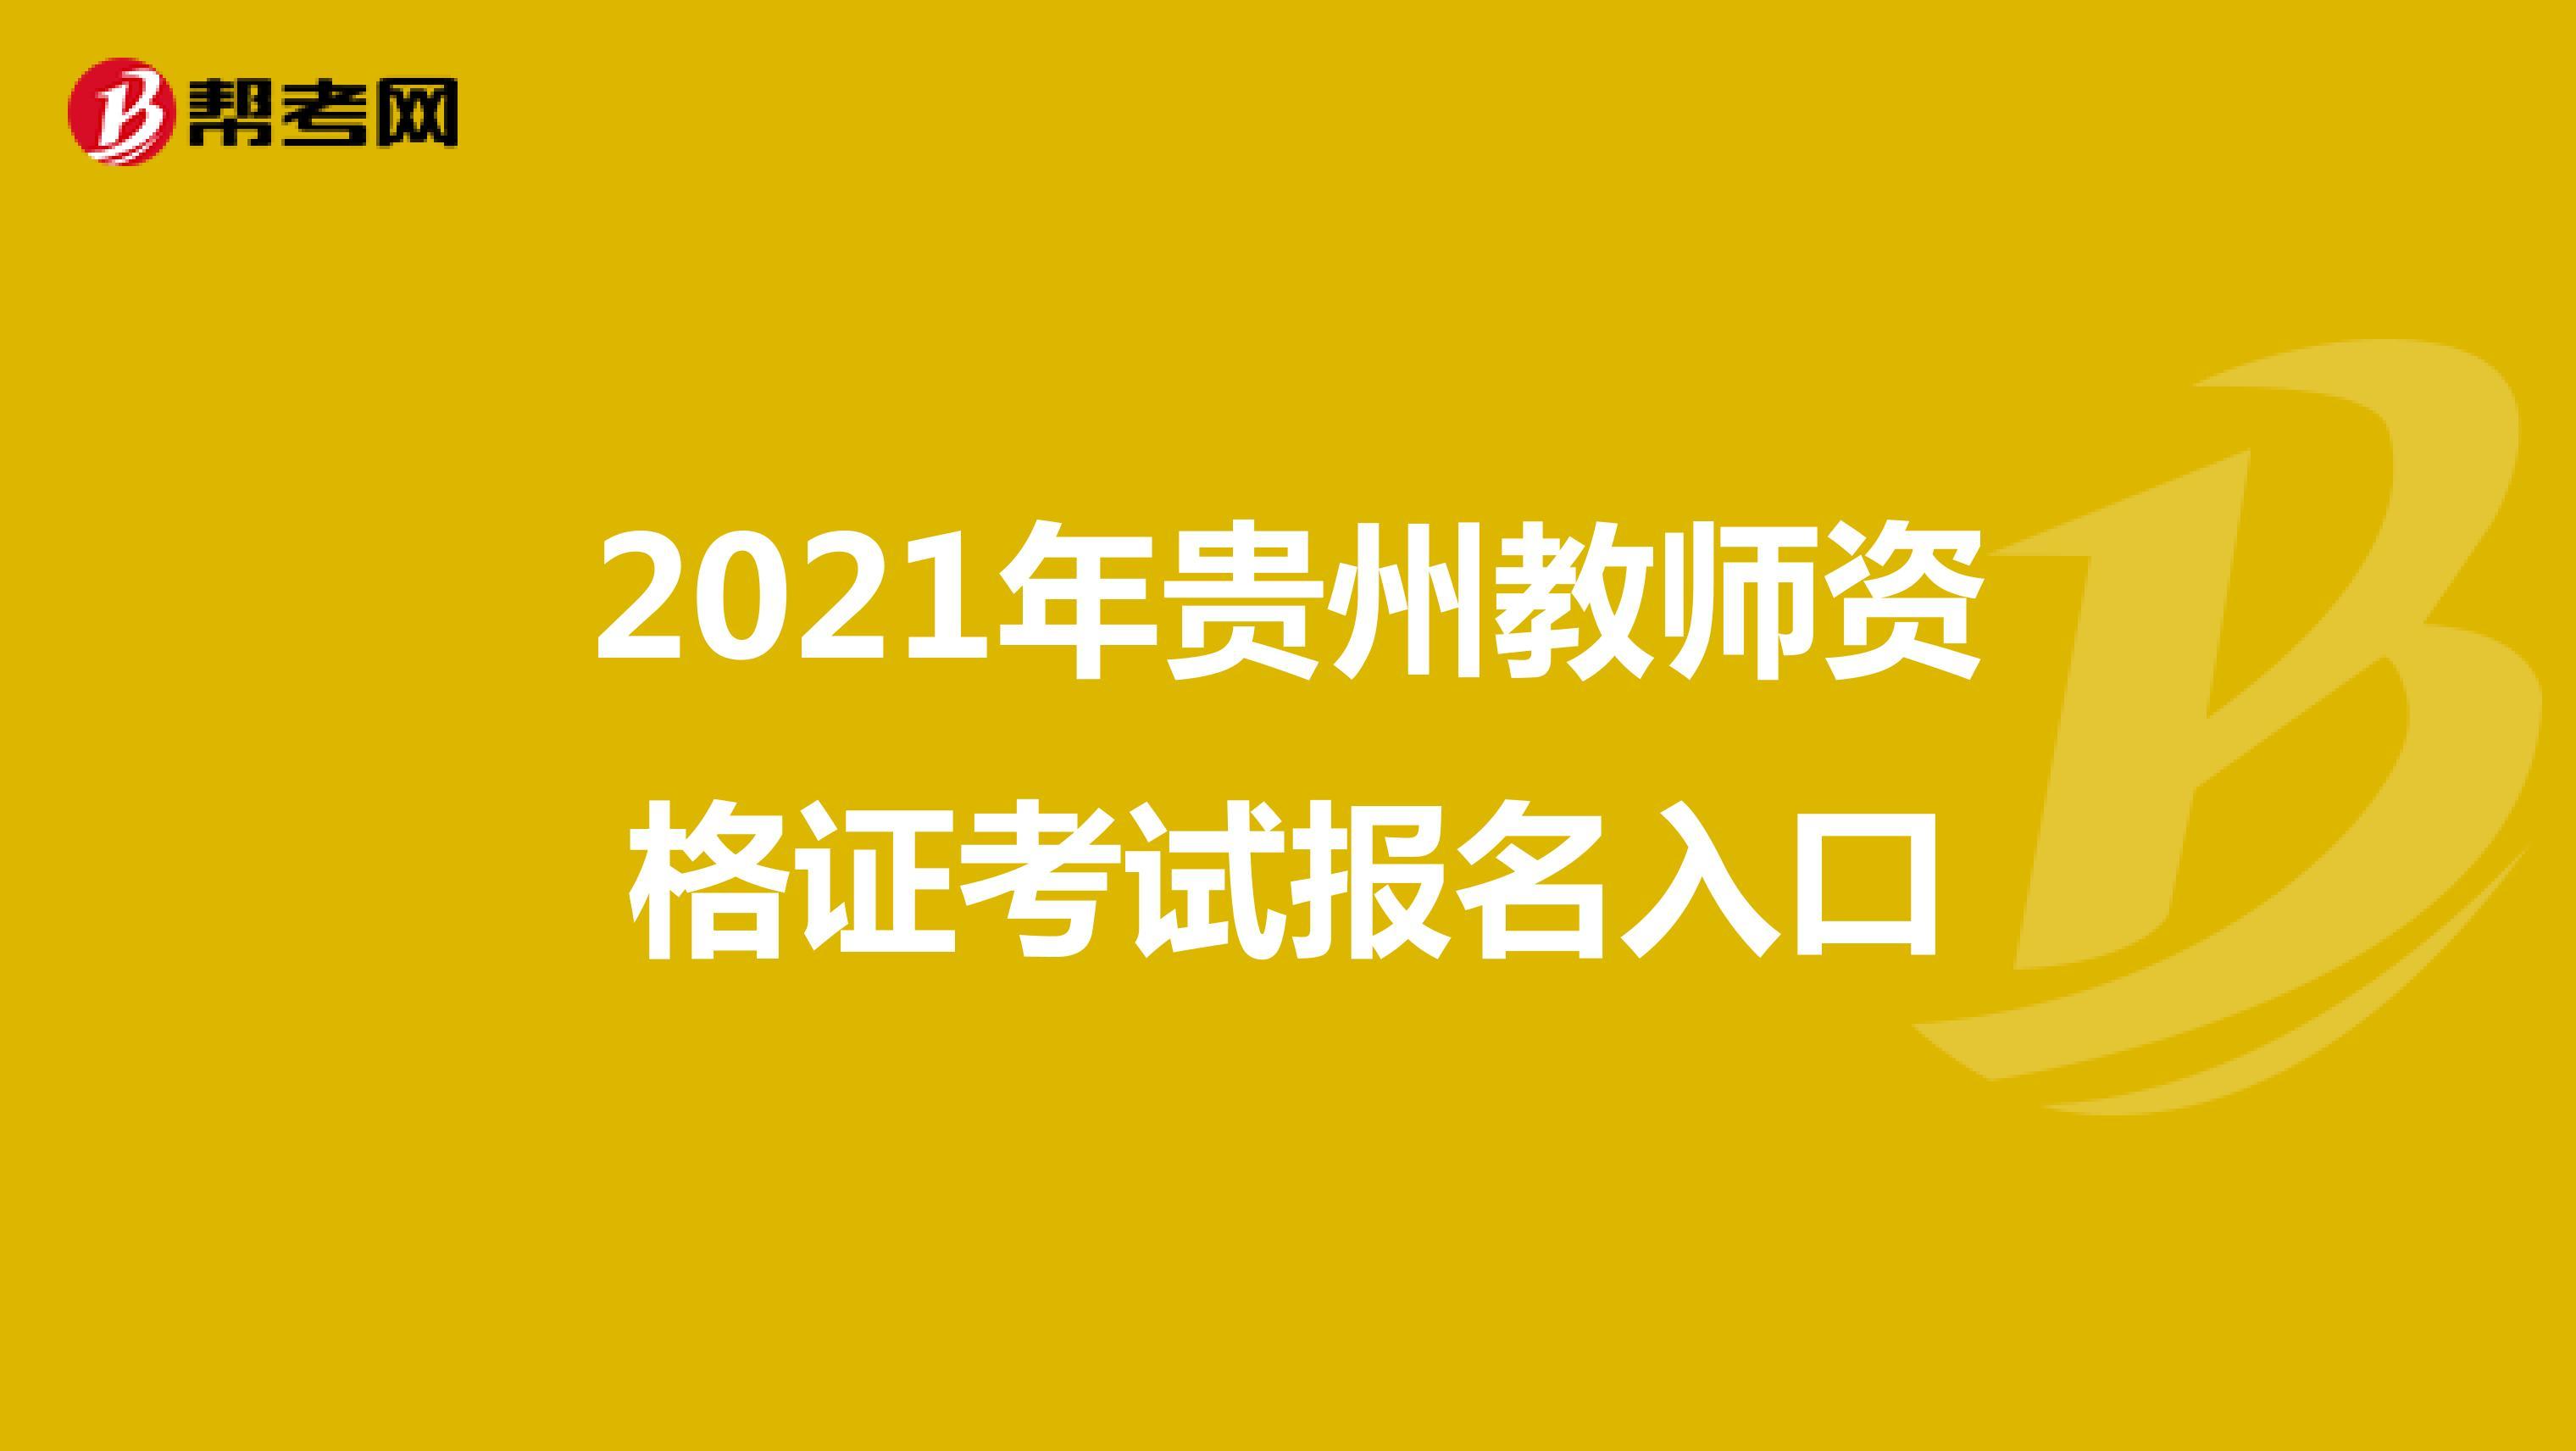 2021年貴州教師資格證考試報名入口